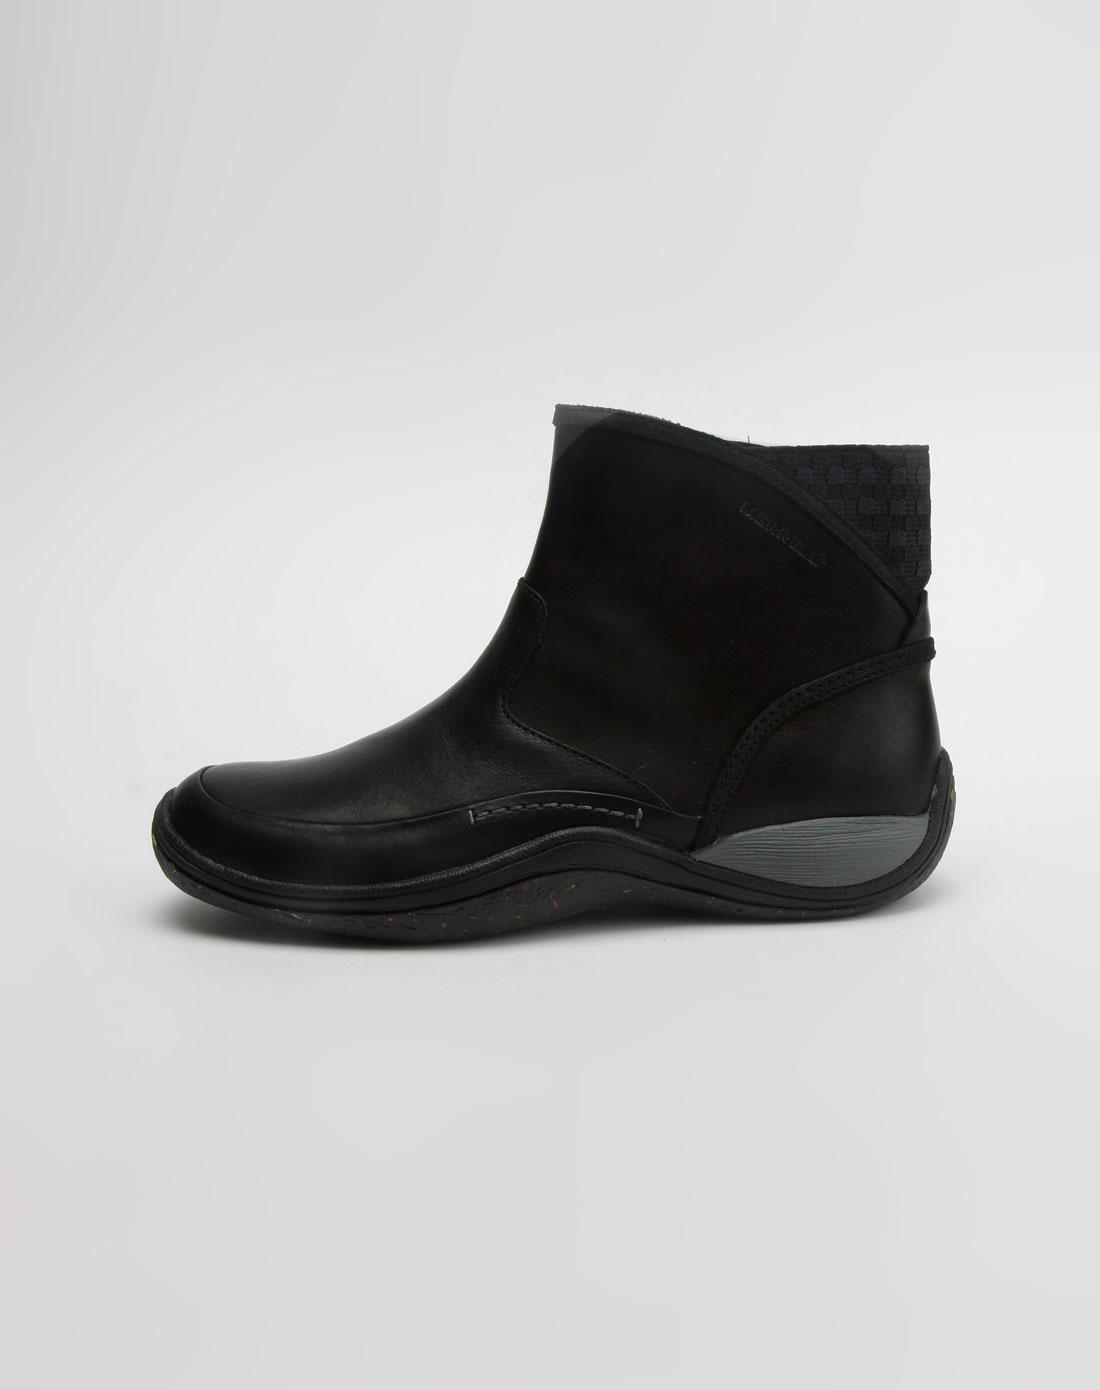 黑色高帮休闲鞋女真皮平底